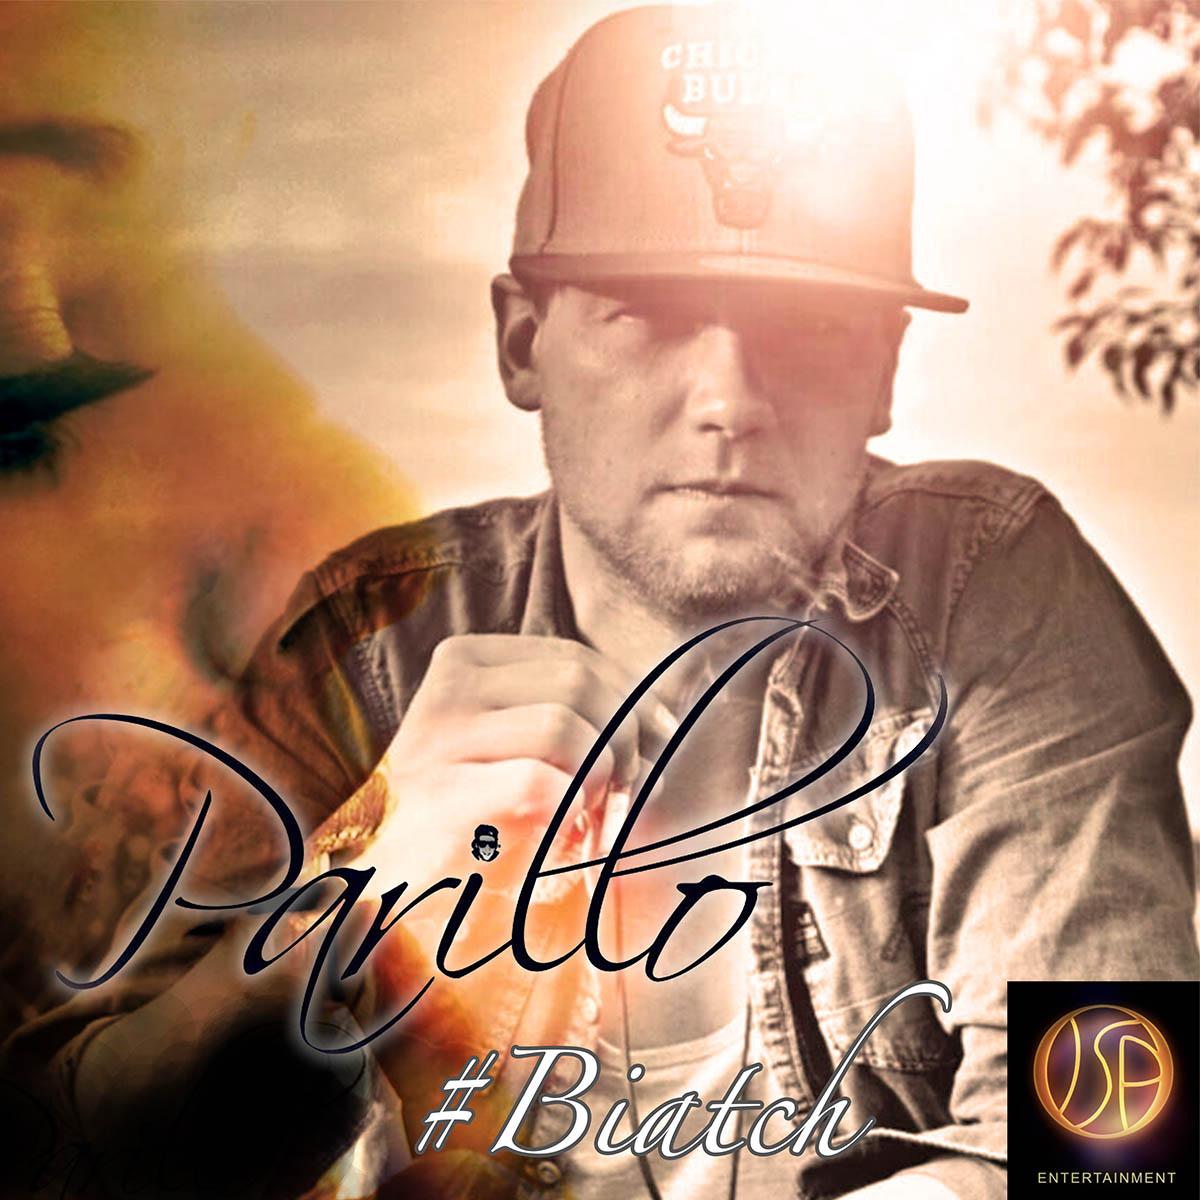 Upcoming: Parillo - #Biatch